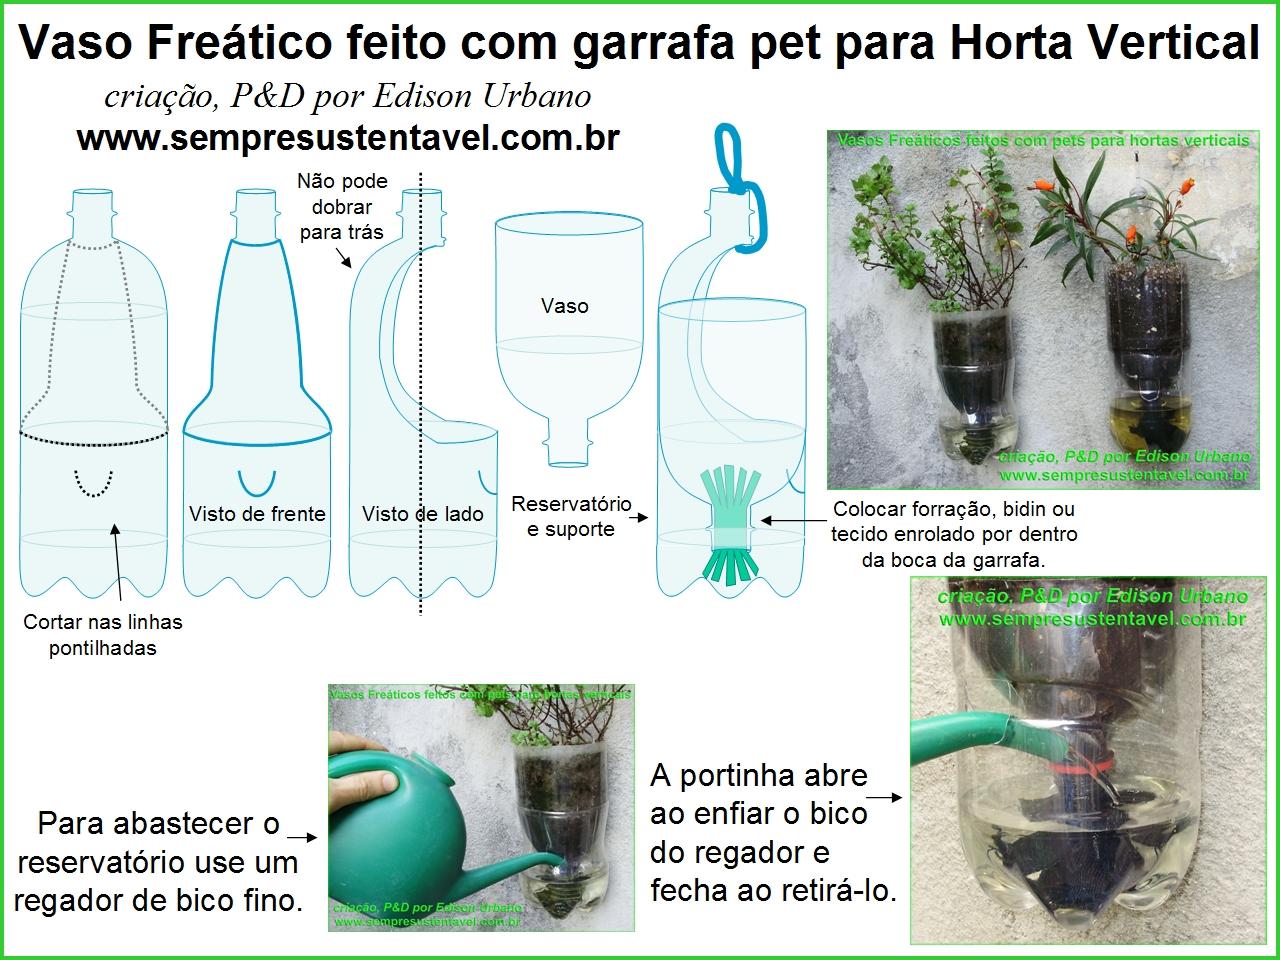 Poderá semearplantar ervas aromáticas Cebolinho; salsa,coentros